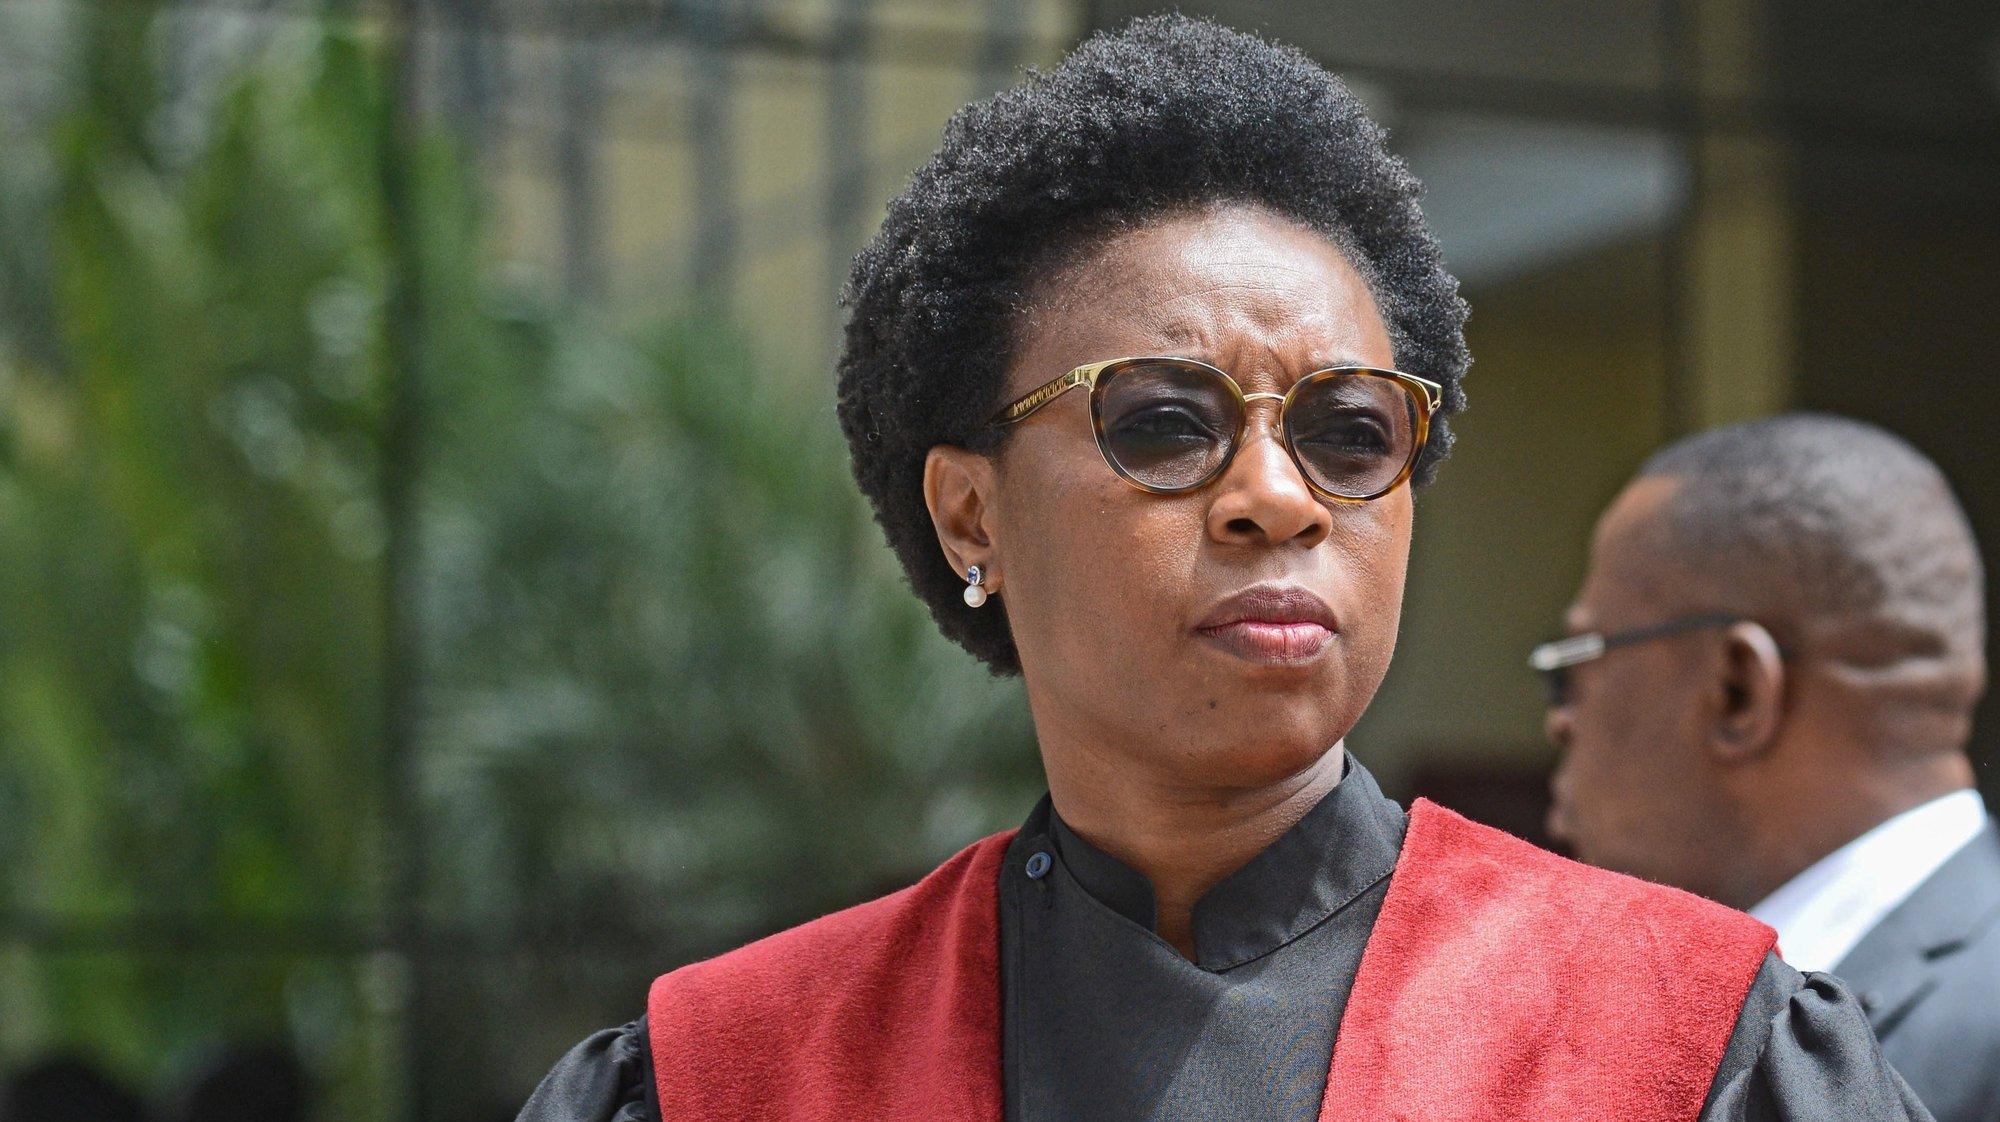 A procuradora-geral da República, Beatriz Buchili, durante a cerimónia oficial de abertura do ano judicial, em Maputo, Moçambique, 04 de fevereiro de 2020. ANTÓNIO SILVA/LUSA